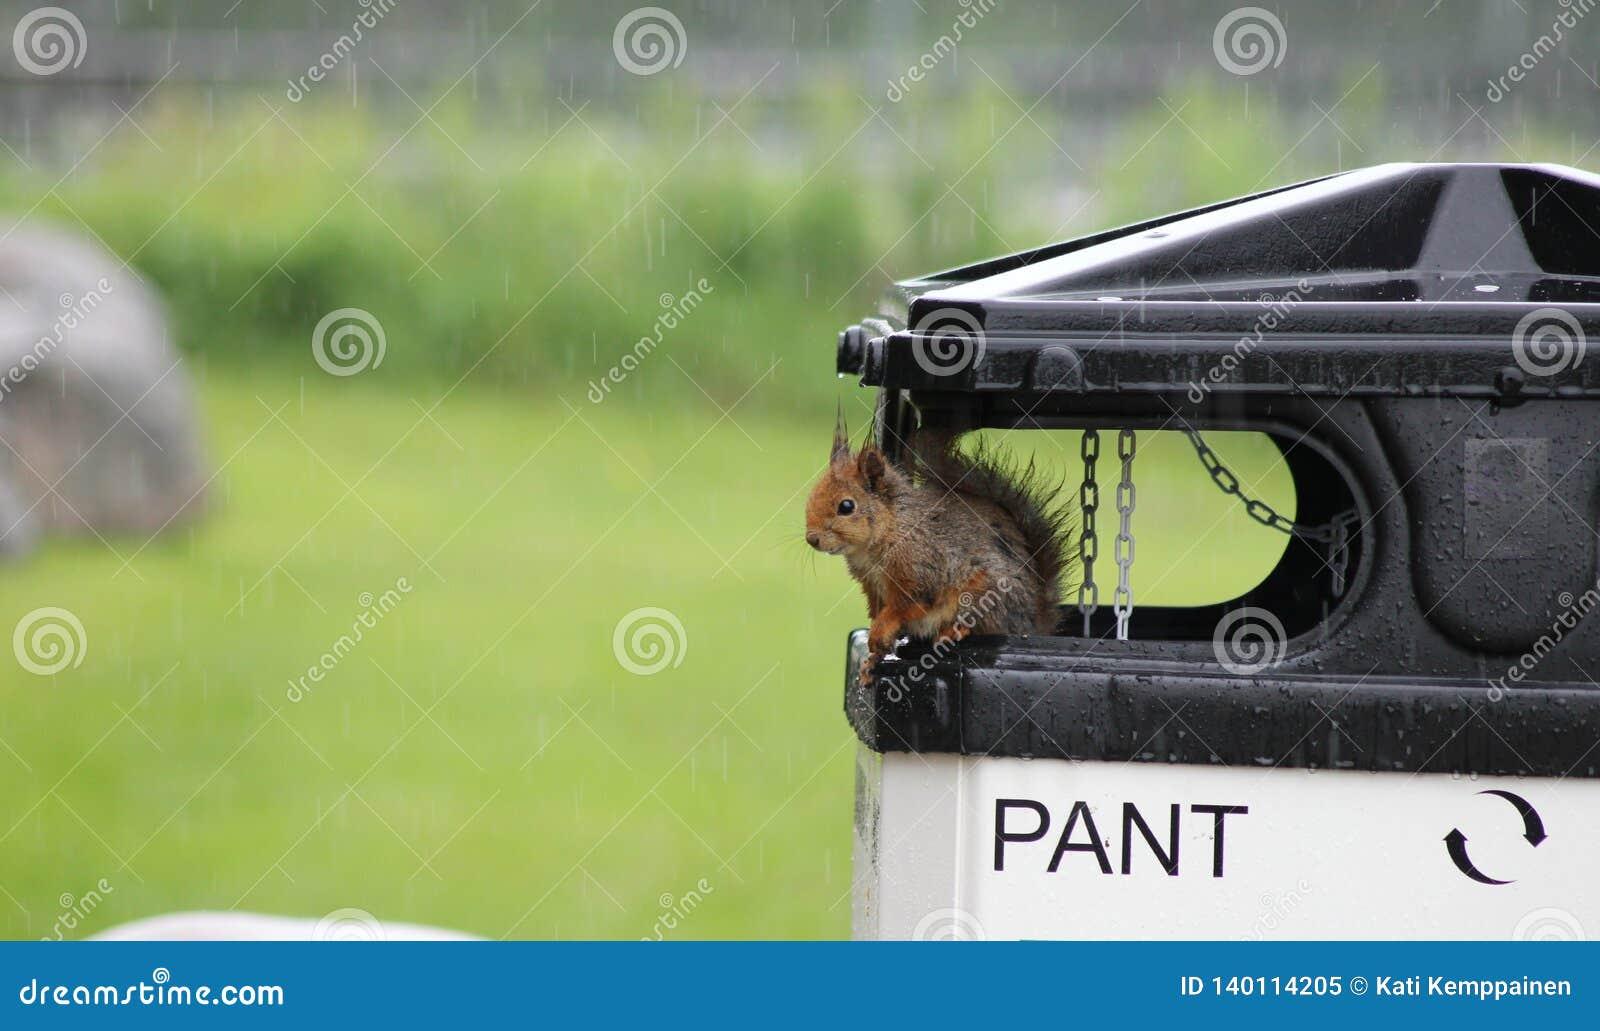 Squirrel in rain